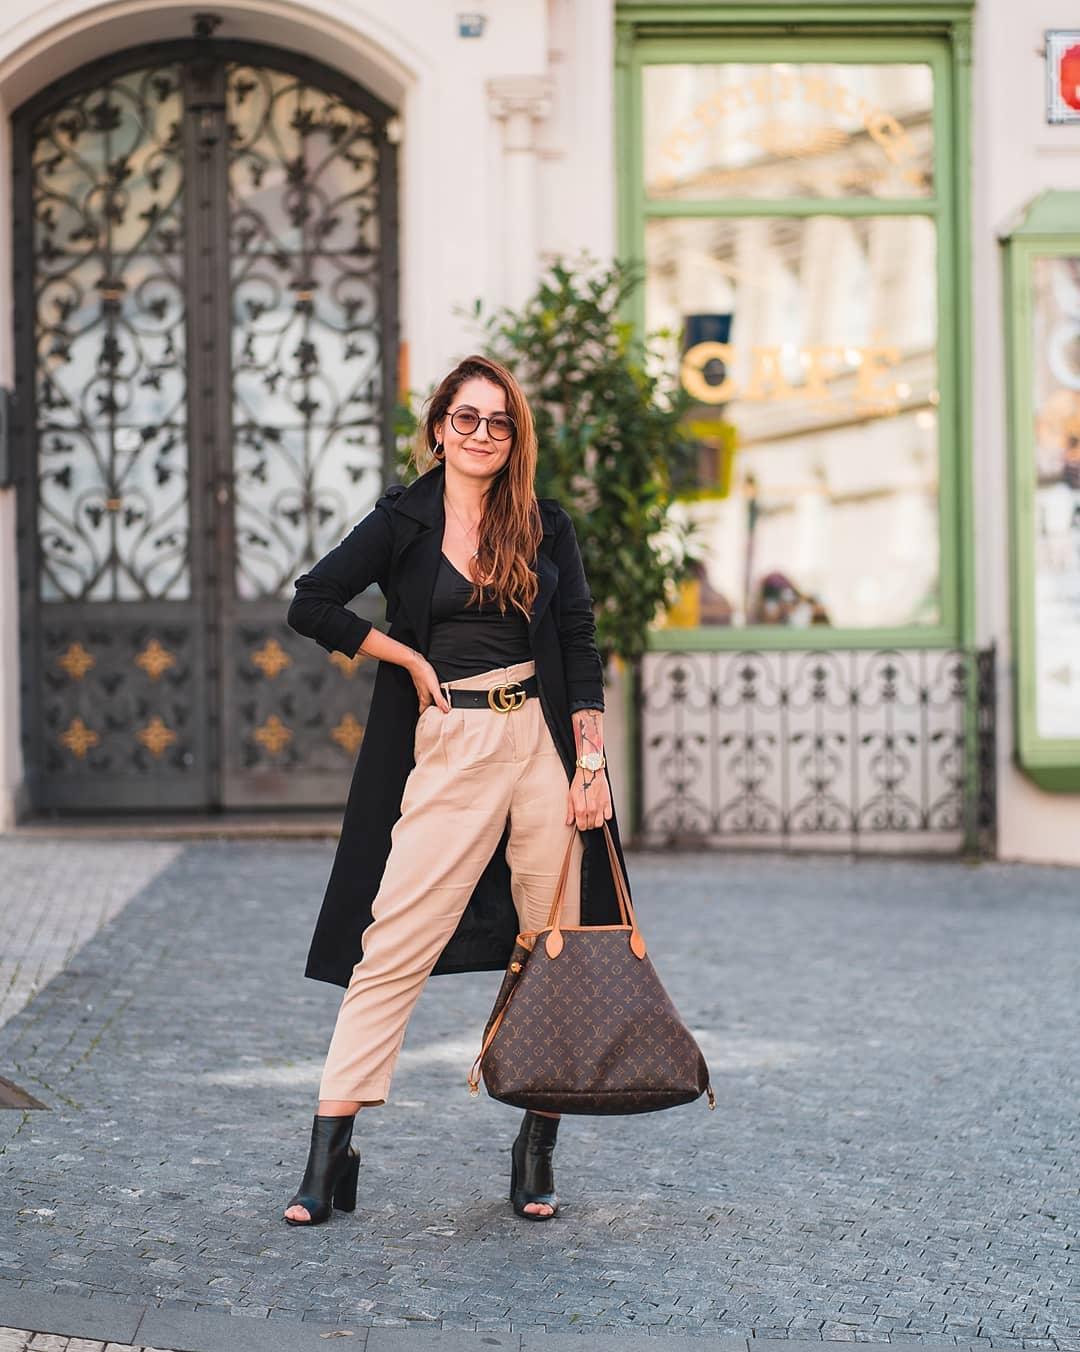 Máme tu další pátek a s ním už čtvrtý #fashionfriday s @dominikalukasova! Dominika si tentokrát vybrala jednoduché a přece výrazné sluneční brýle #Dior a zvolila k nim outfit, který ji podle jejích slov dokonale vystihuje. Pohodlné volné kalhoty s vysokým pasem, černý top s kabátem, který zahřeje i během chladných rán a boty s otevřenou špičkou, kterých se jí nechce vzdávat, přestože počasí už jim moc nepřeje.  PS: Tramvaje se v nich ale prý dobíhají špatně - proto má taky tak velkou kabelku, musejí se do ní vejít tenisky pro všechny případy.  . Tak co říkáte na dnešní outfit? . . . #dnesnosim #ootd #slunecnibryle #sunglasses #vasecocky